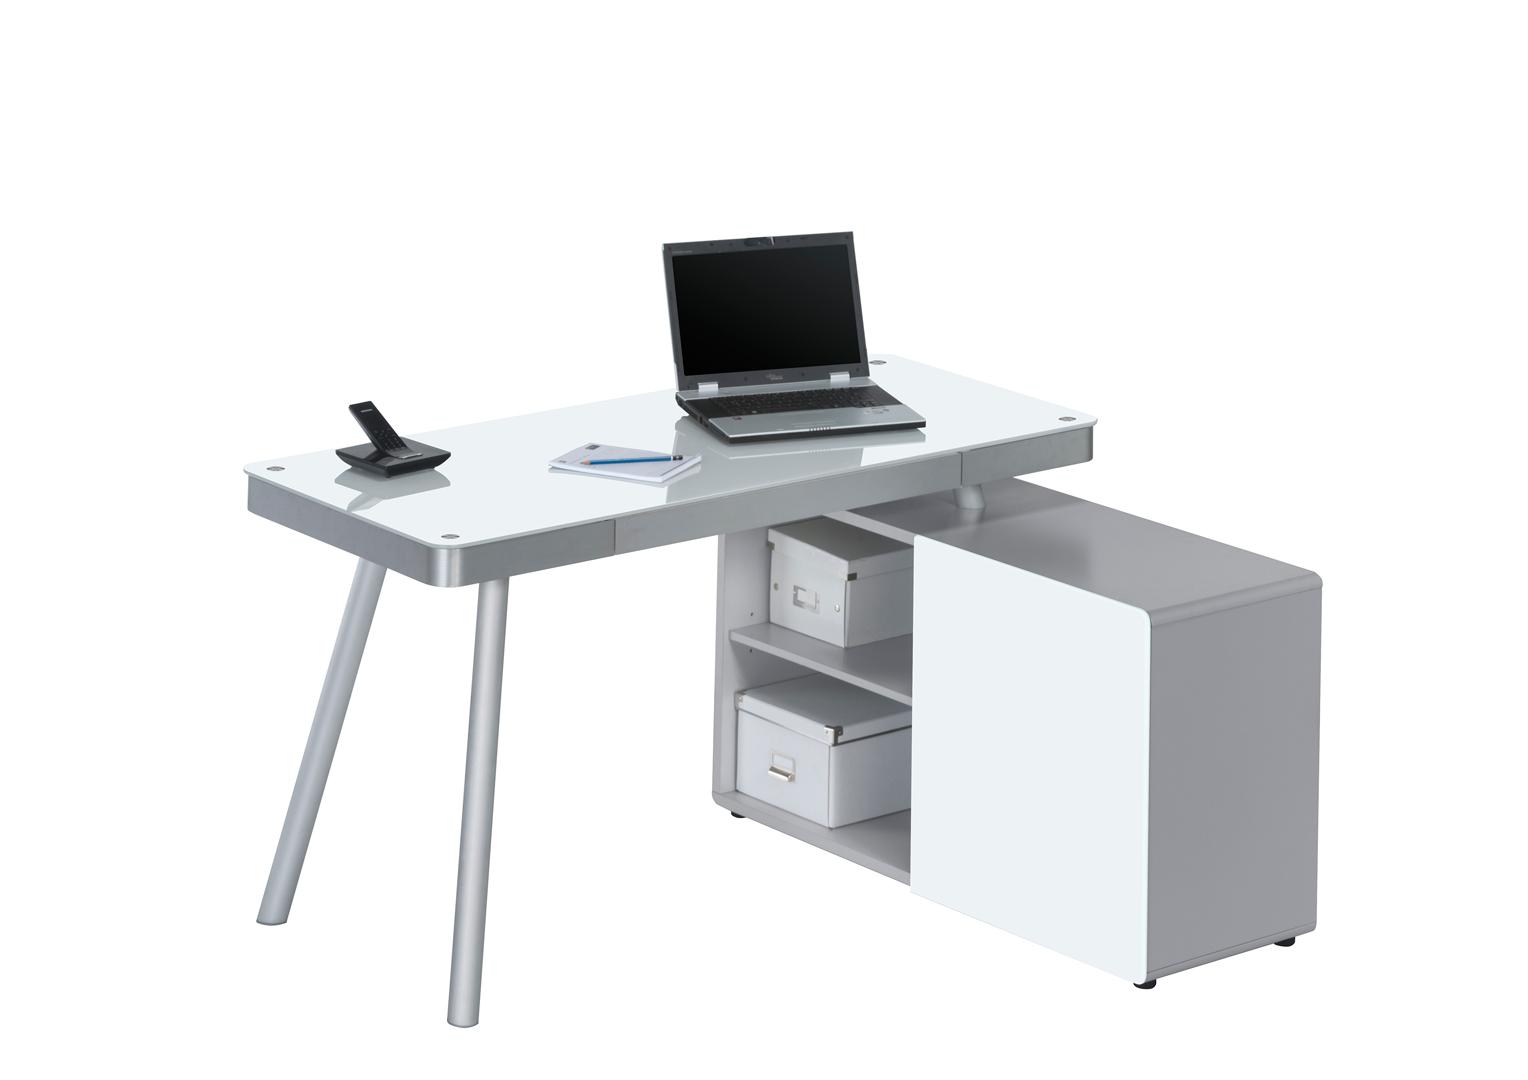 Bureau d 39 angle design en m tal alu verre blanc tessa - Bureau d angle design blanc ...